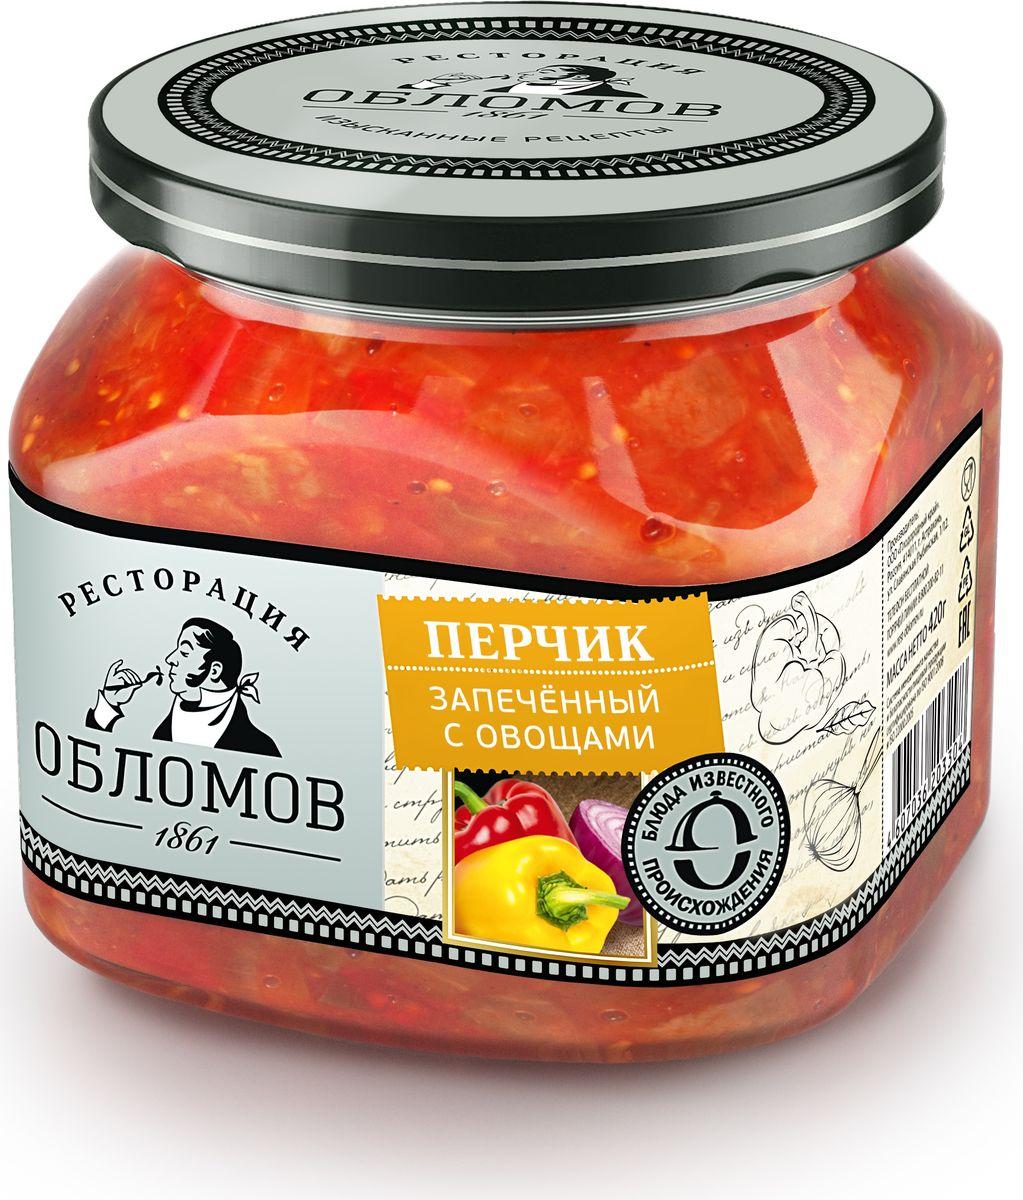 Ресторация Обломов перчик запеченный с овощами, 420 г4607036203304